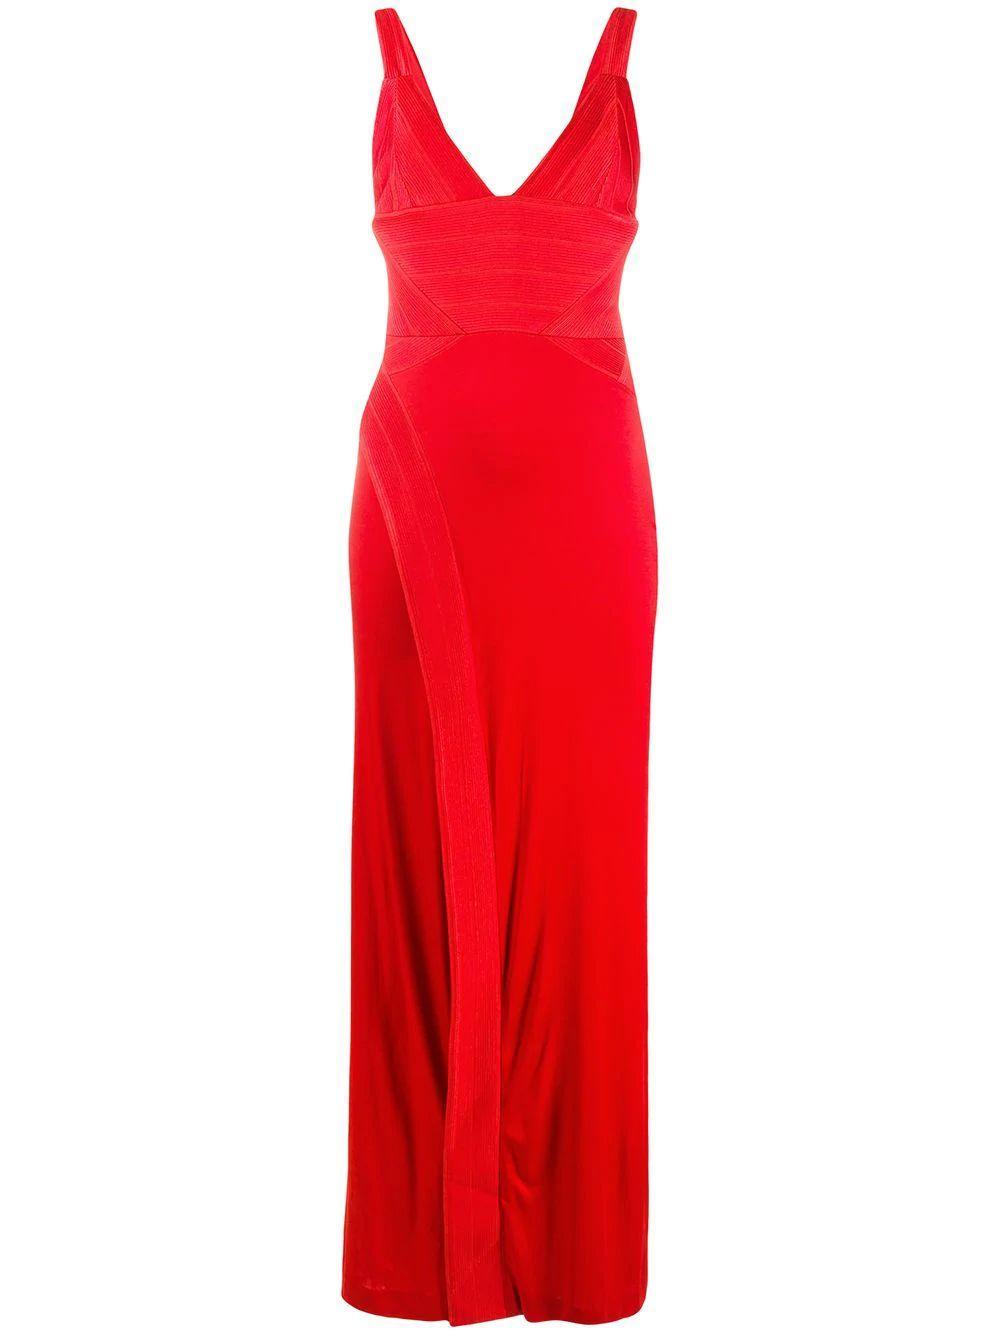 Langen V Neck High Slit Dress Item # 1880